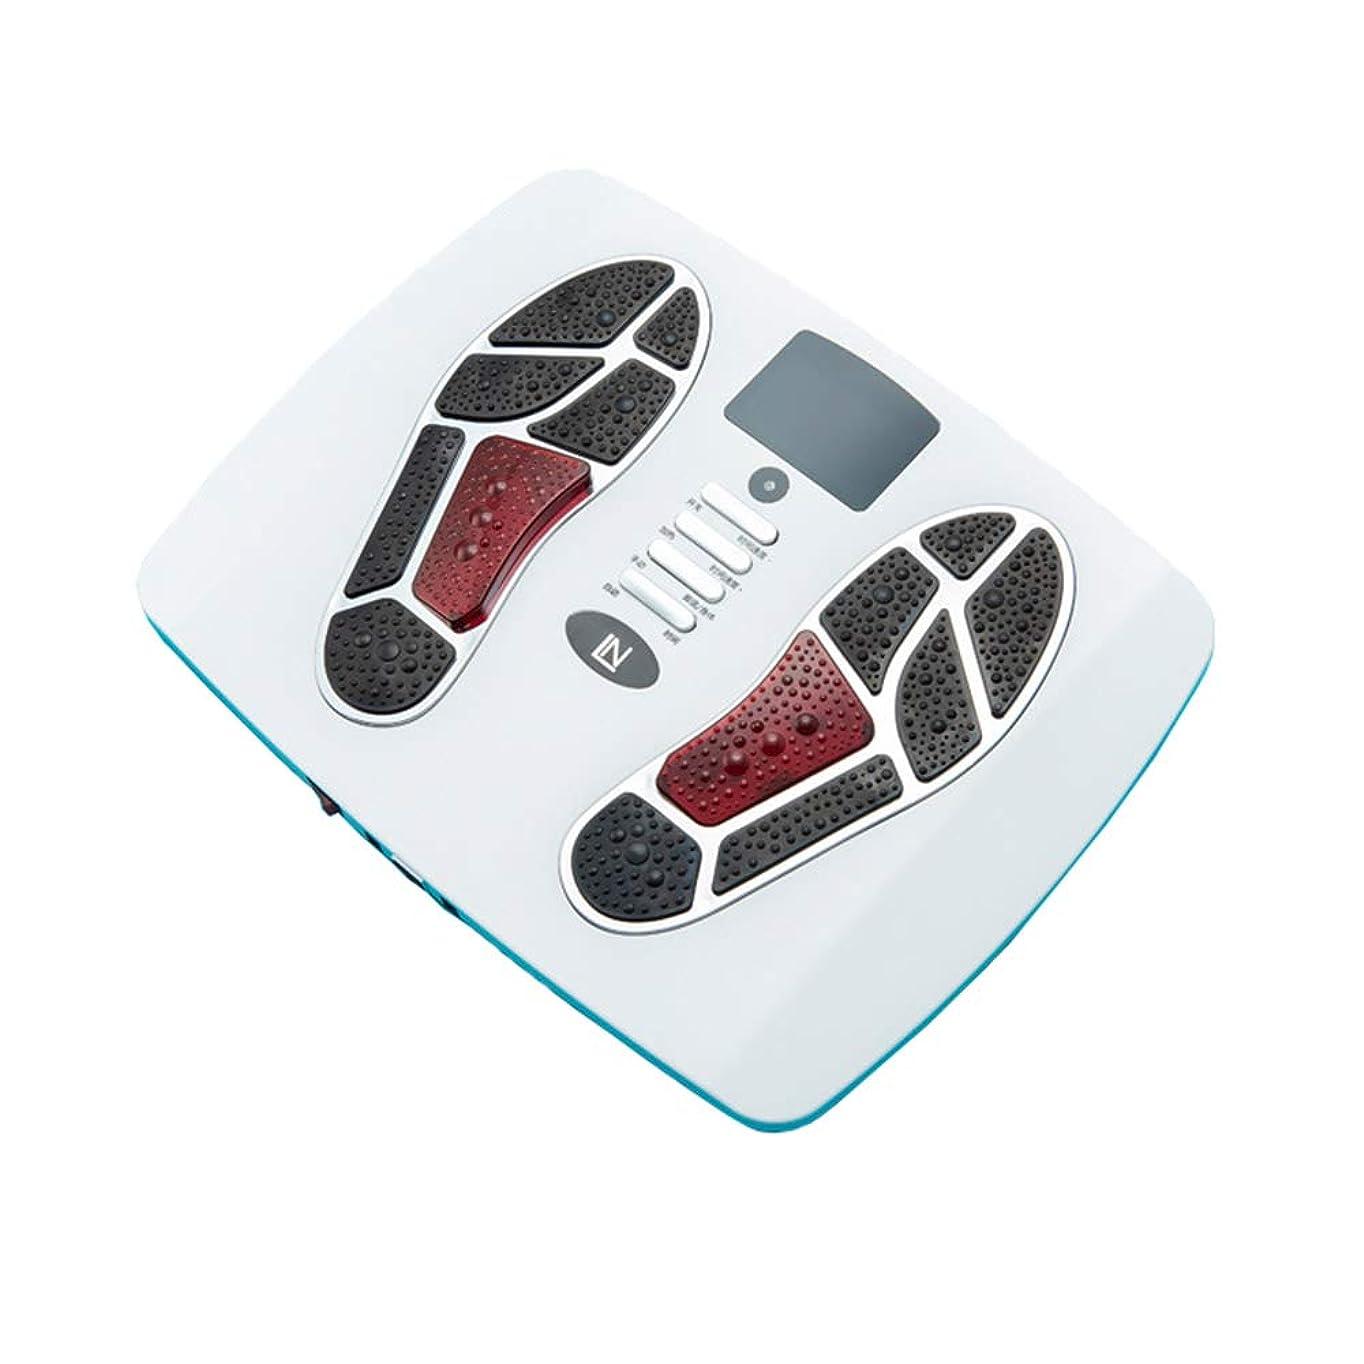 バーガーオークションしばしば多機能 フットマッサージャー指圧なだらかなフットマッサージャーで、血液循環を改善し、痛みや痛みを和らげることができます インテリジェント, white